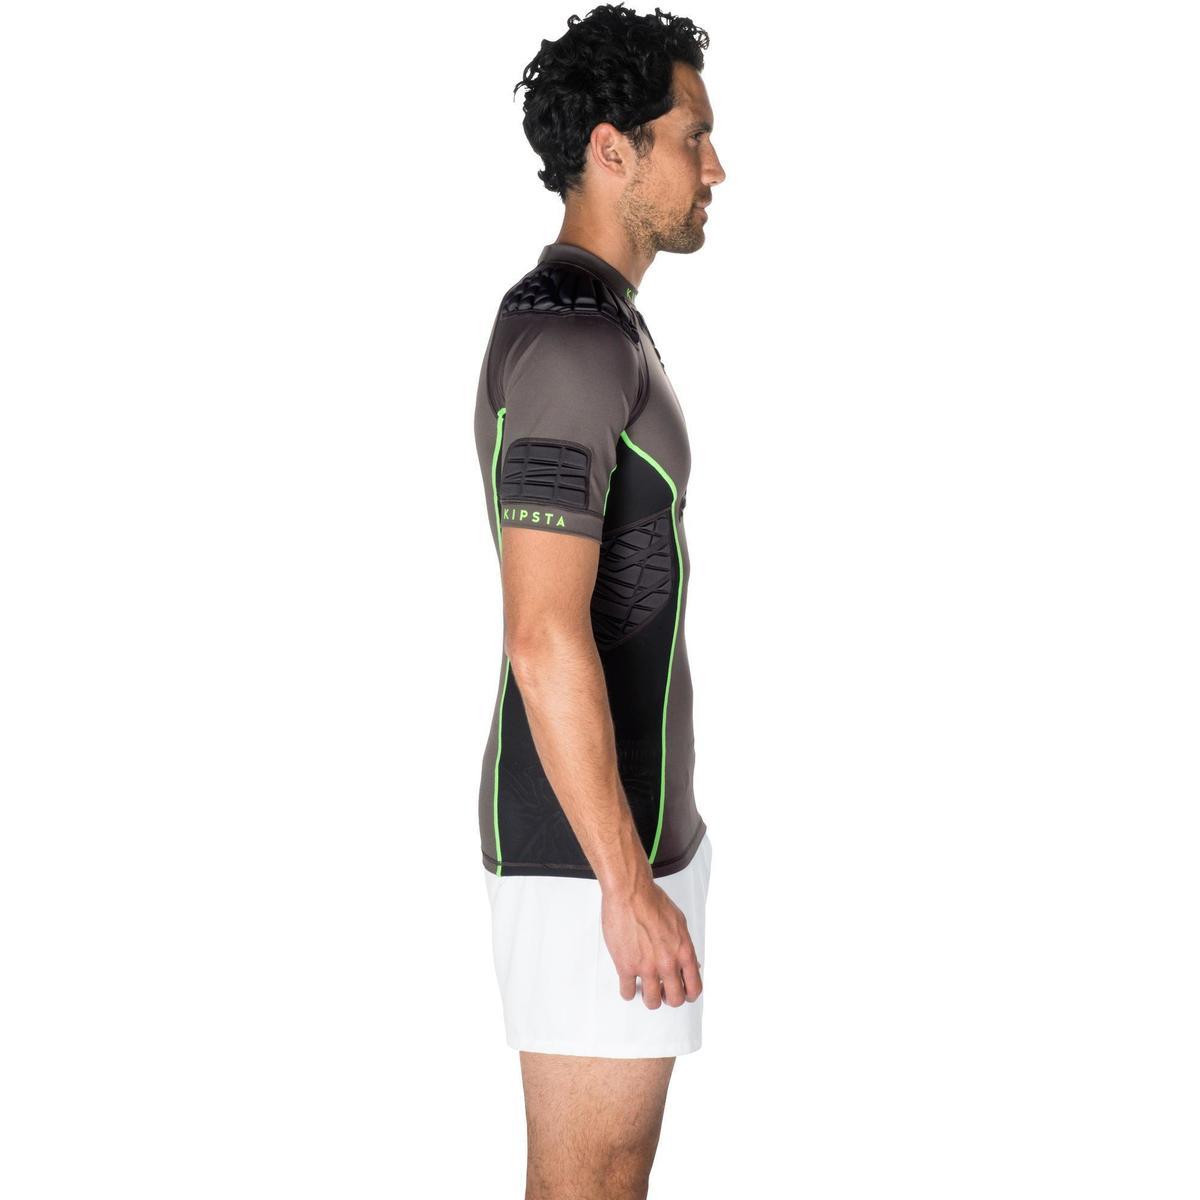 Bild 3 von Rugby-Schulterschutz Full H 900 Erwachsene grau/grün